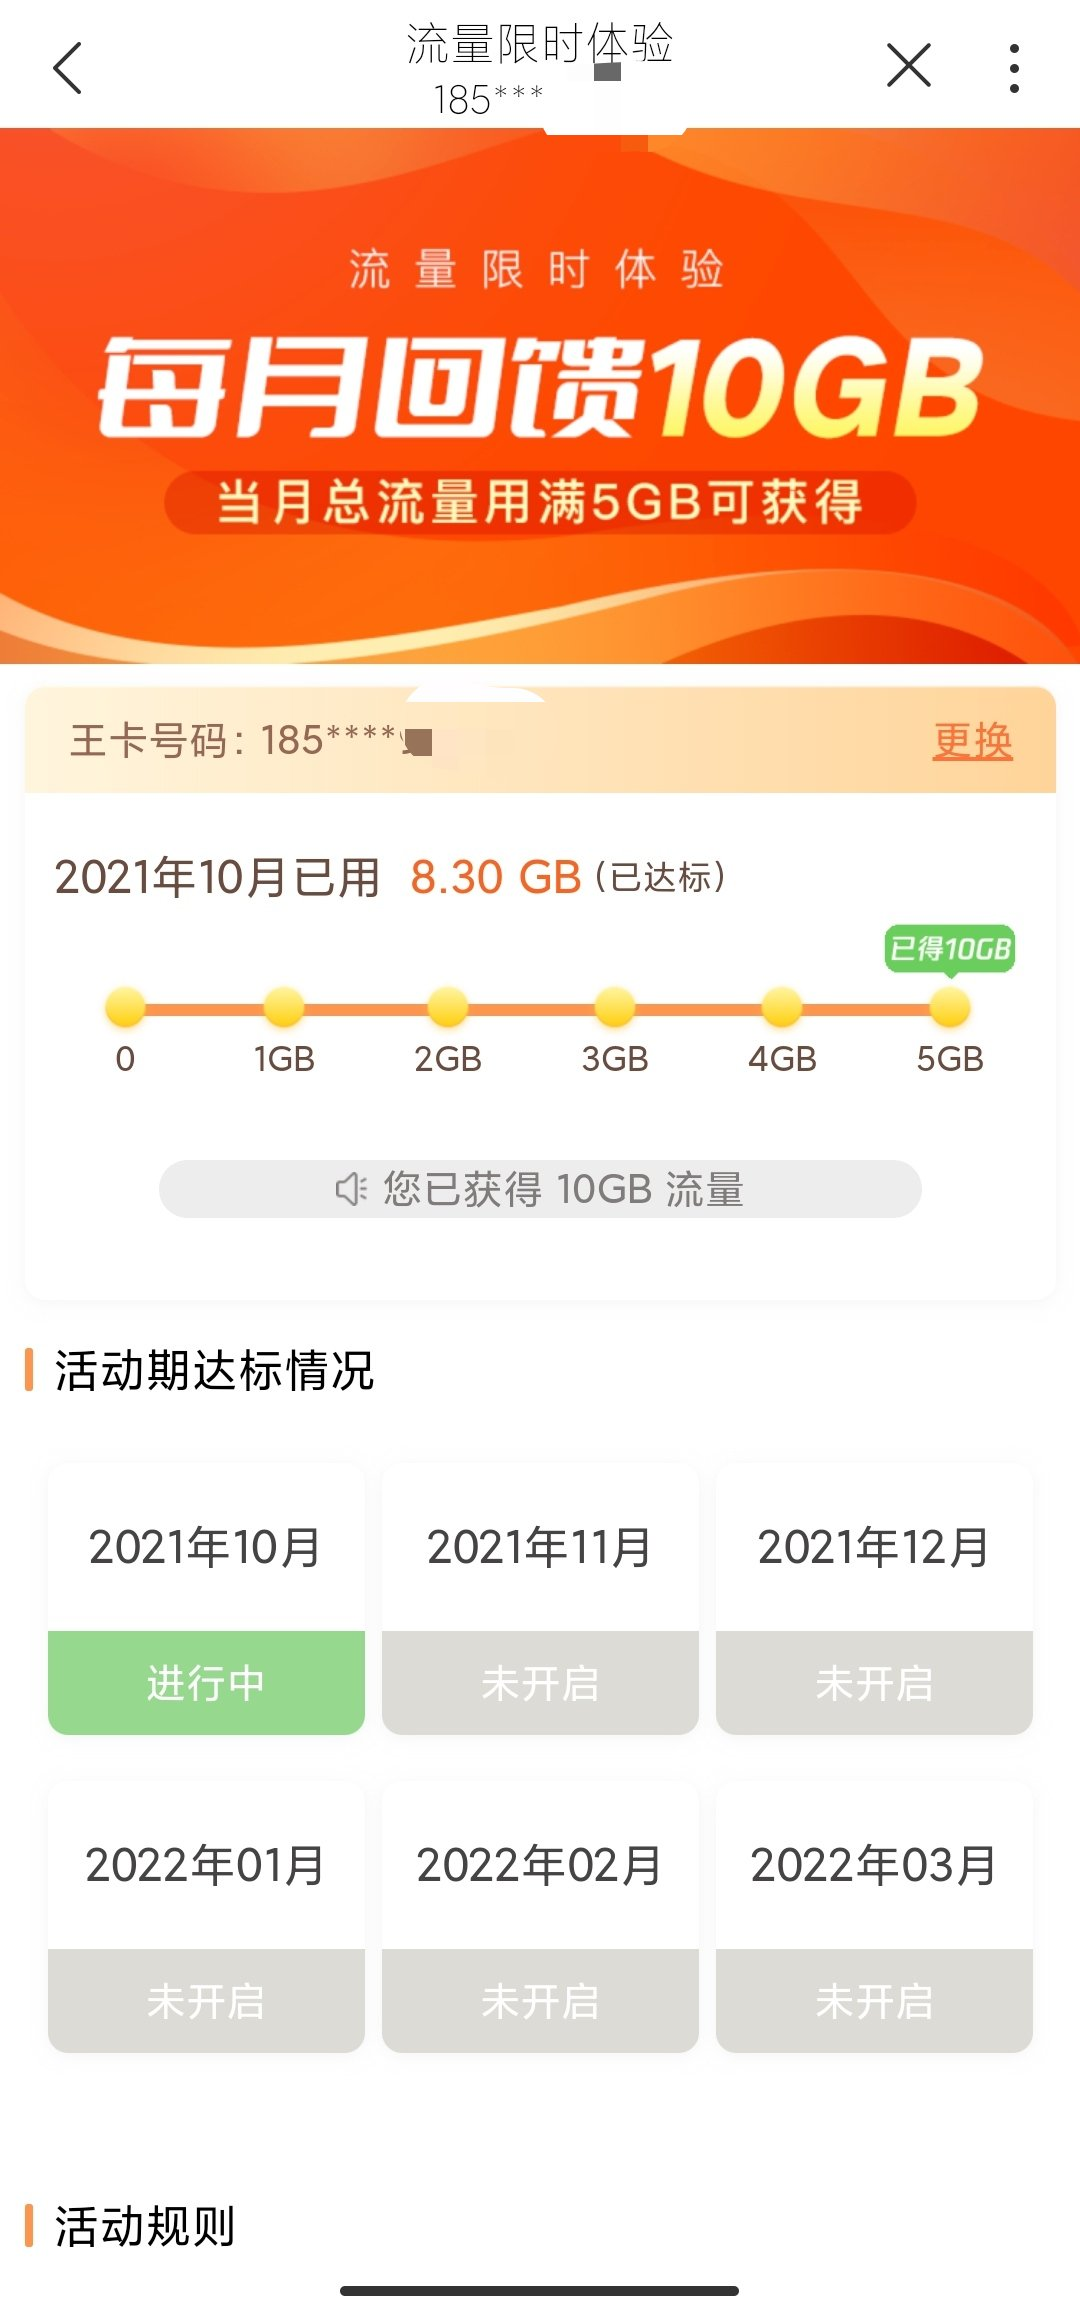 腾讯王卡部分用户得10GB流量-线报酷